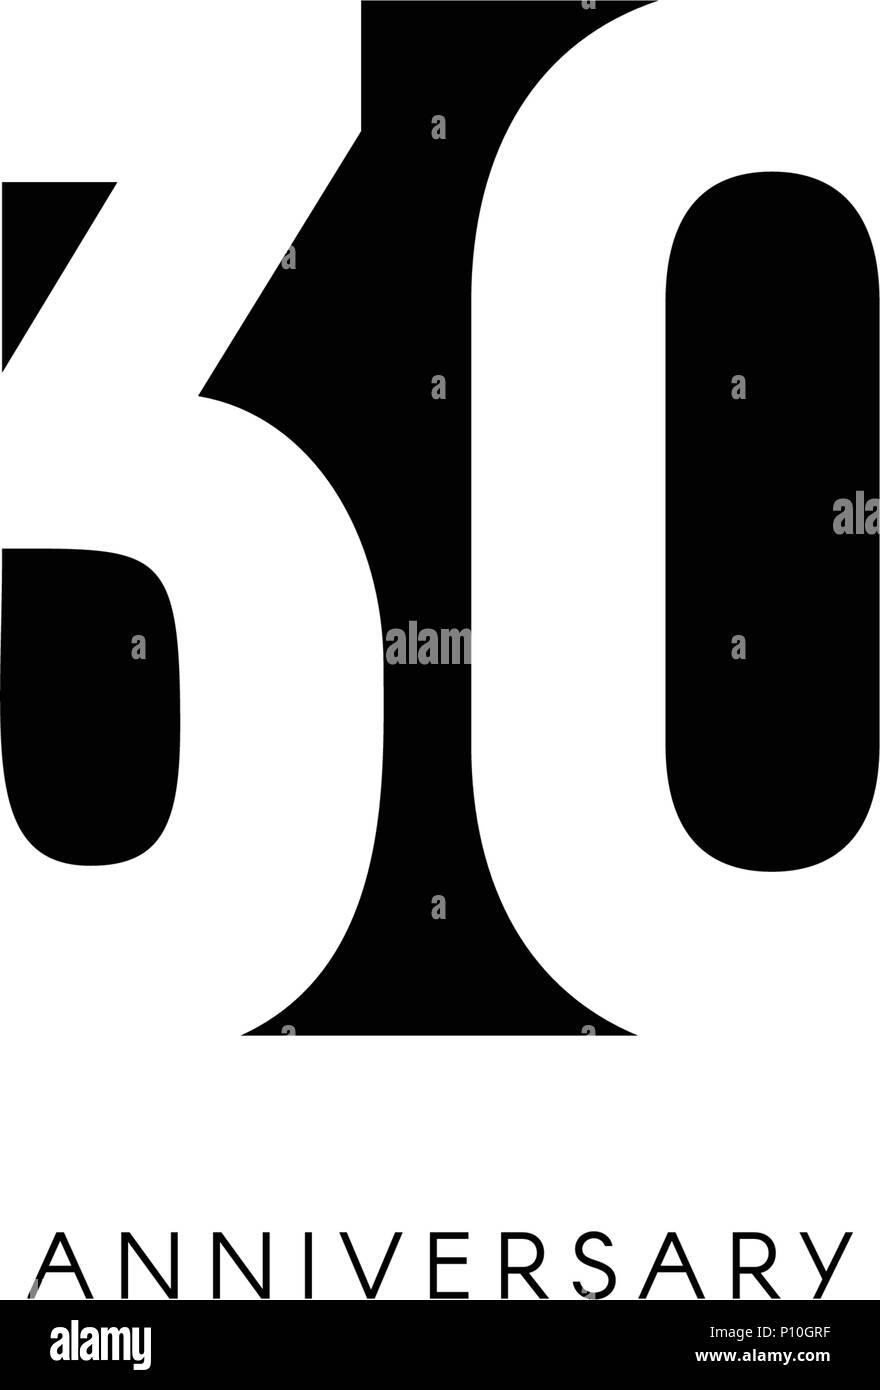 30 Jahre, 30. Jubiläum, Grußkarte. Geburtstag Einladung. 30 Jahre  Unterzeichnen. Schwarz Negative Raumzeiger Abbildung Auf Weißen Hintergrund.